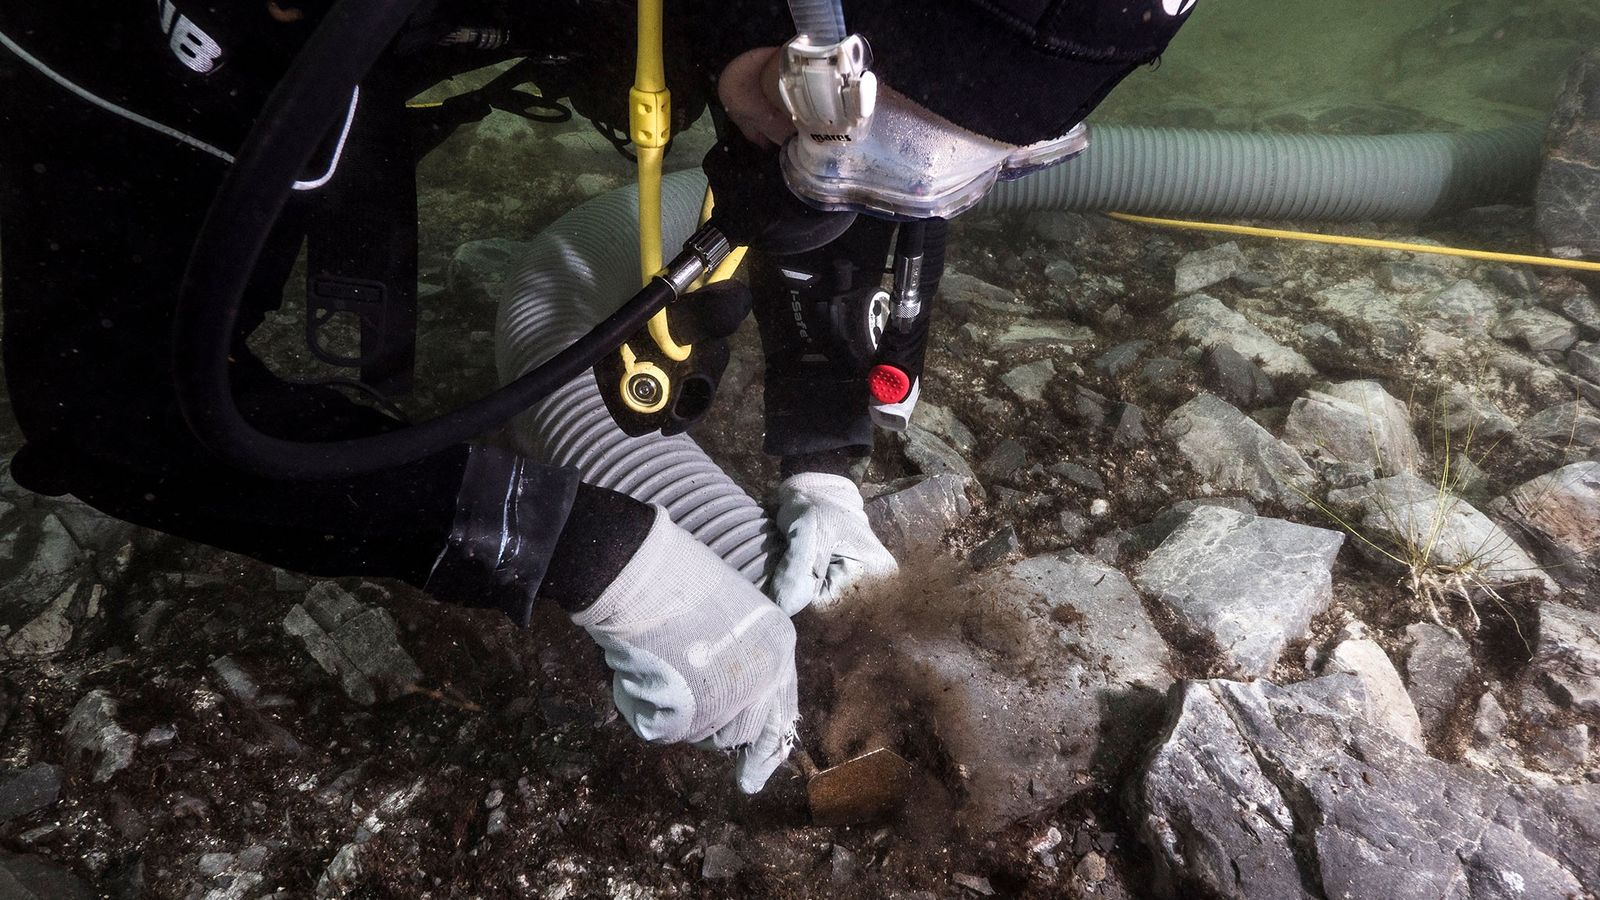 Archäologen graben rituell geopferte Artefakte im Titicacasee in Bolivien aus.